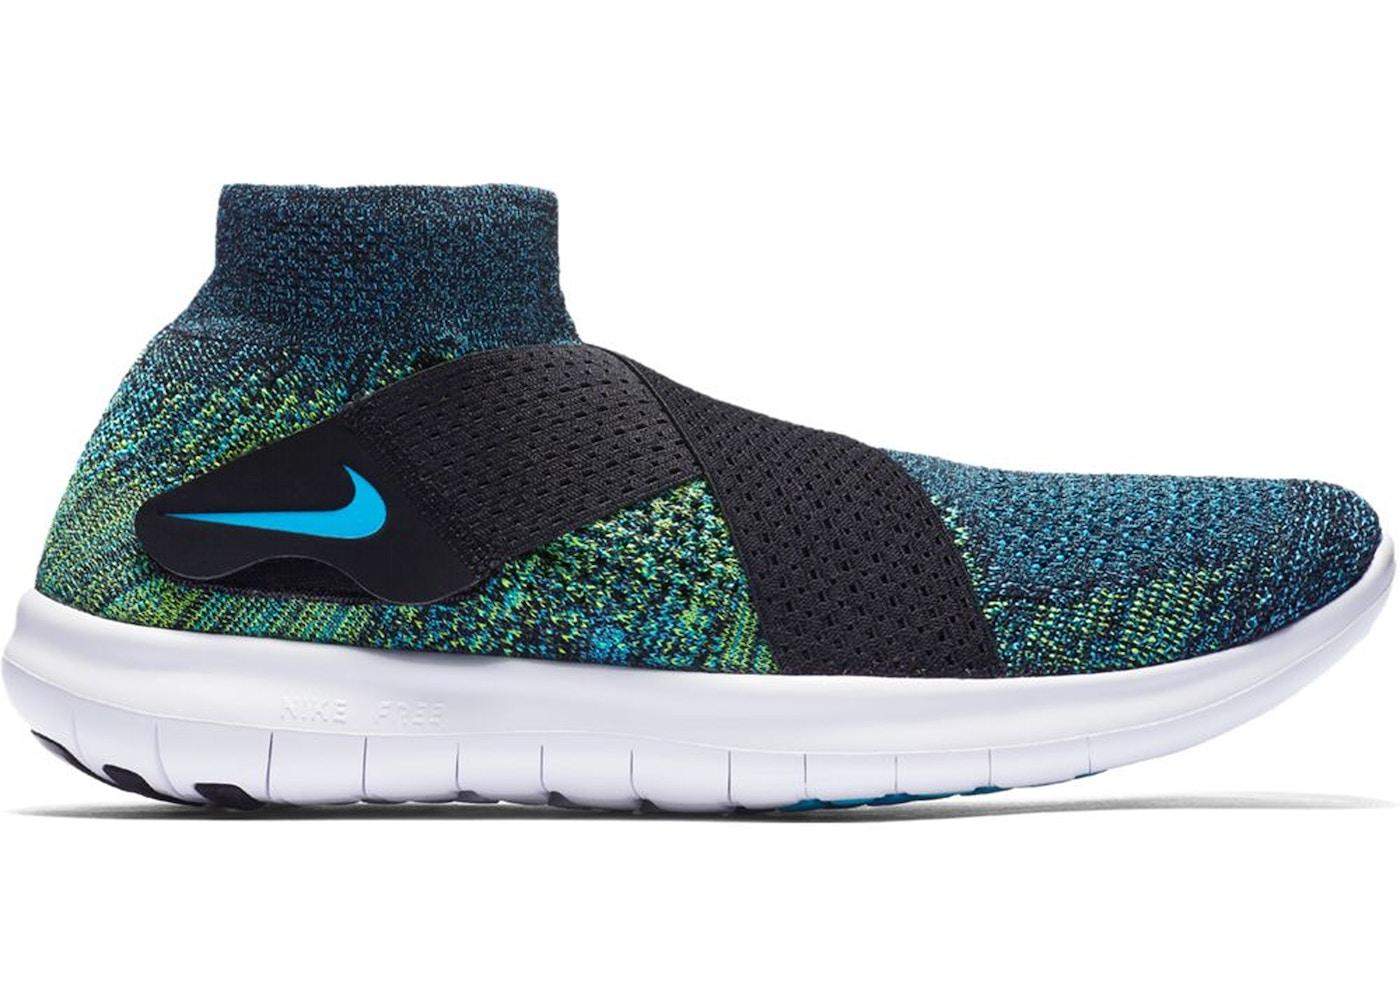 Necesito Certificado doloroso  Nike Free RN Motion Flyknit 2017 Multi-Color - 880845-004